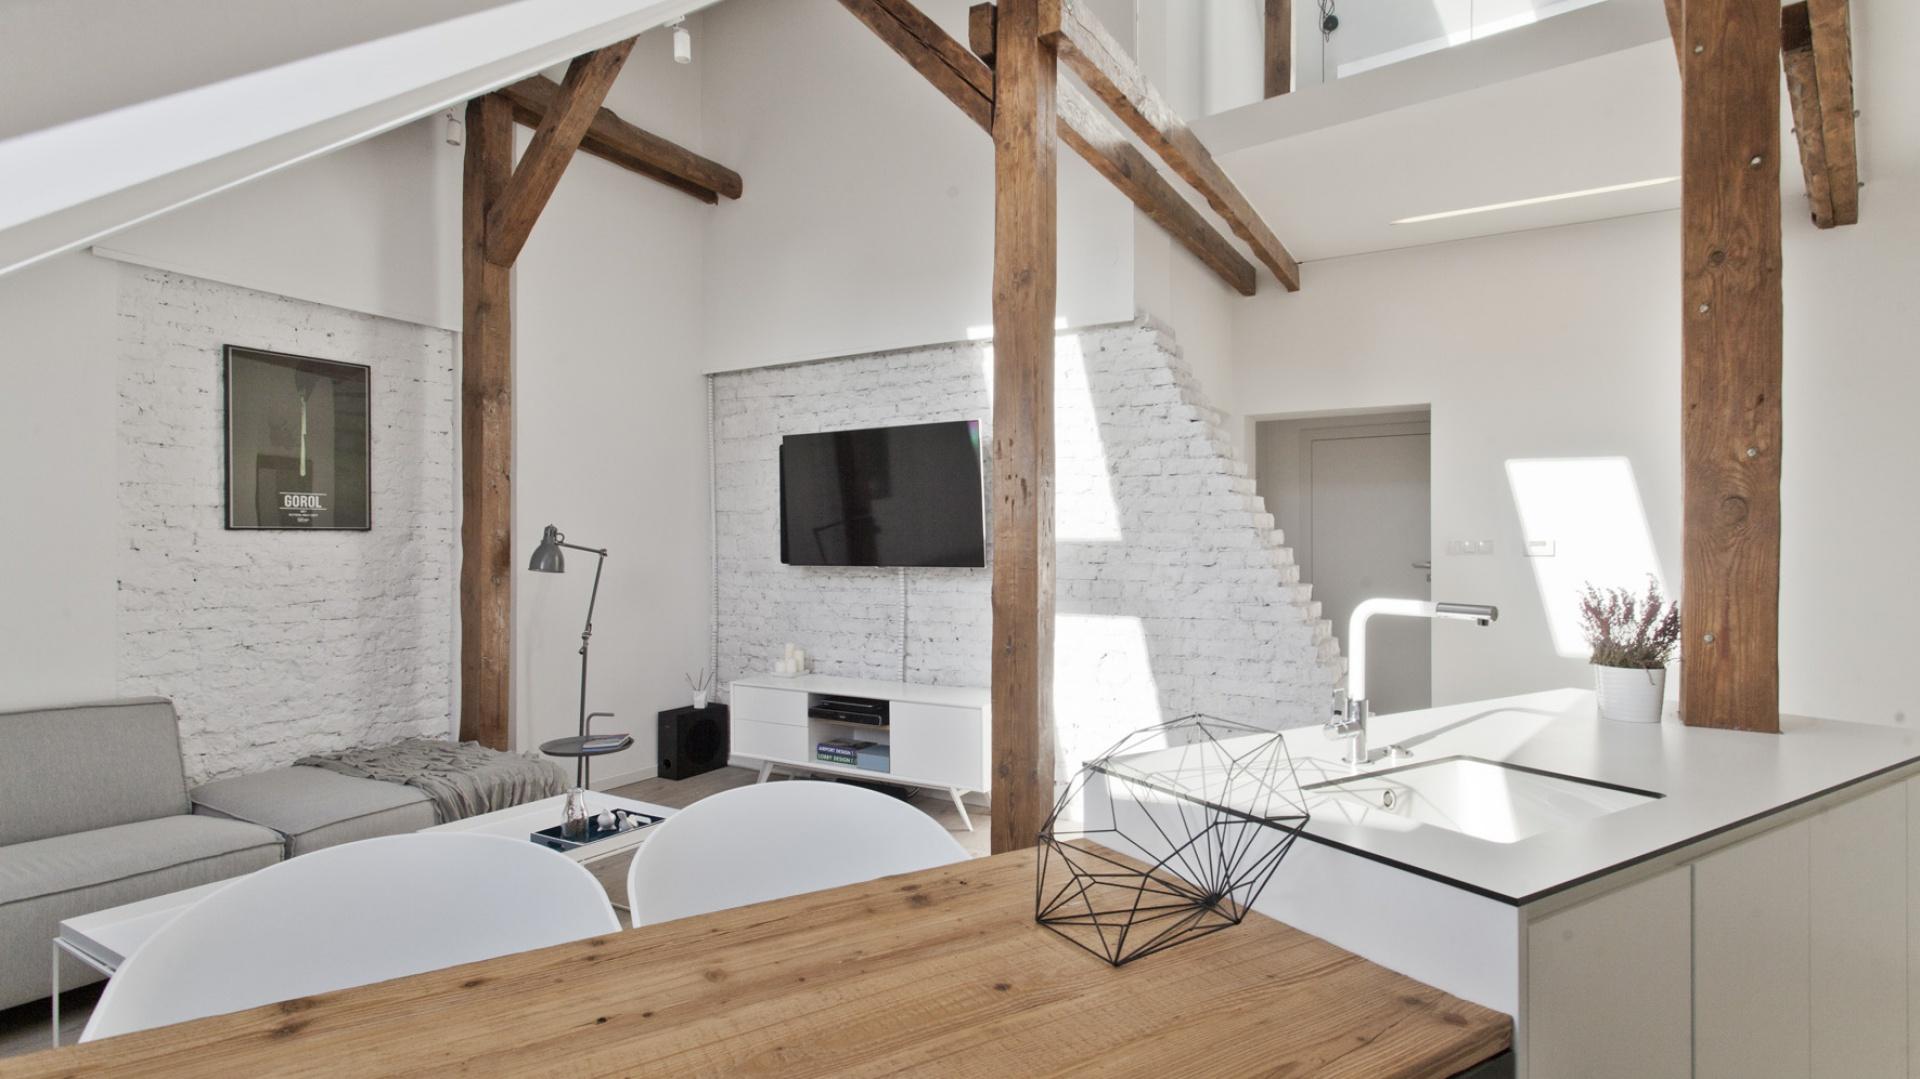 Odsłonięta konstrukcja więźby dachowej stała się integralnym elementem aranżacyjnym wnętrza. Wyeksponowane na tle białych ścian drewniane belki nadają wnętrzu przytulny charakter. Projekt: Superpozycja architekci. Fot. Przemek Skóra.